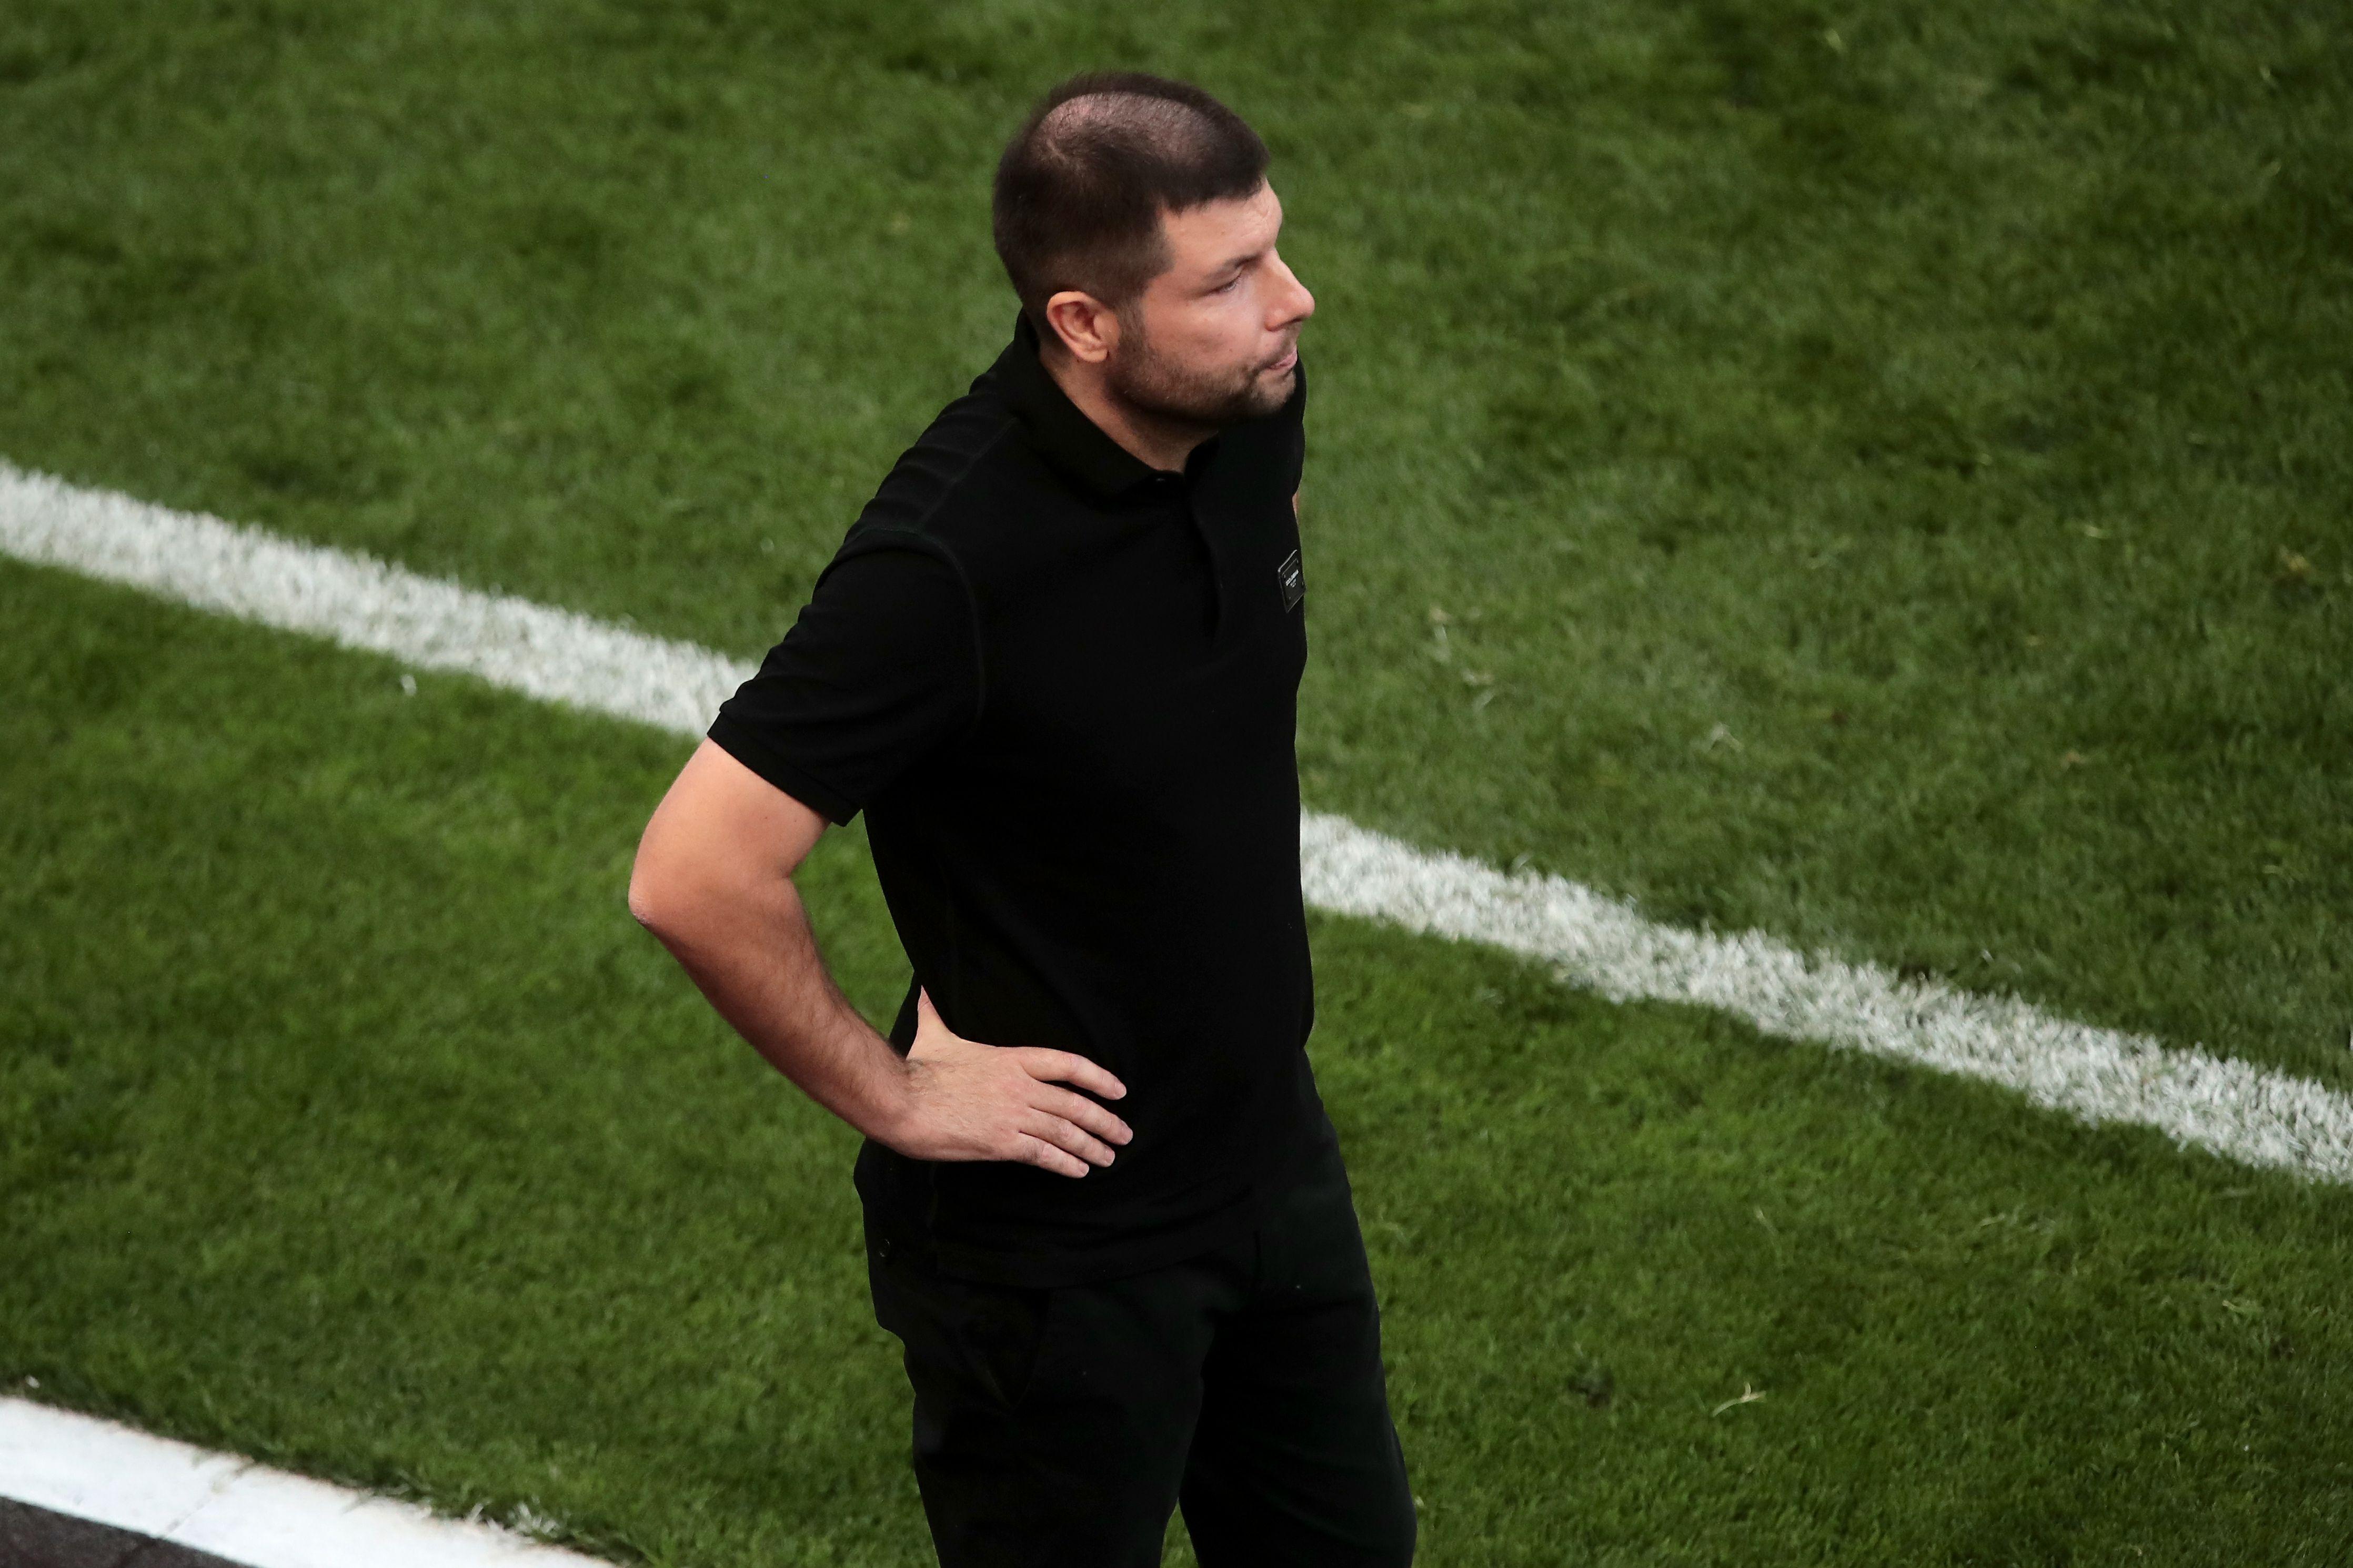 Гендиректор 'Краснодара' заявил, что Мусаев сохранит работу, даже если проиграет все матчи чемпионата